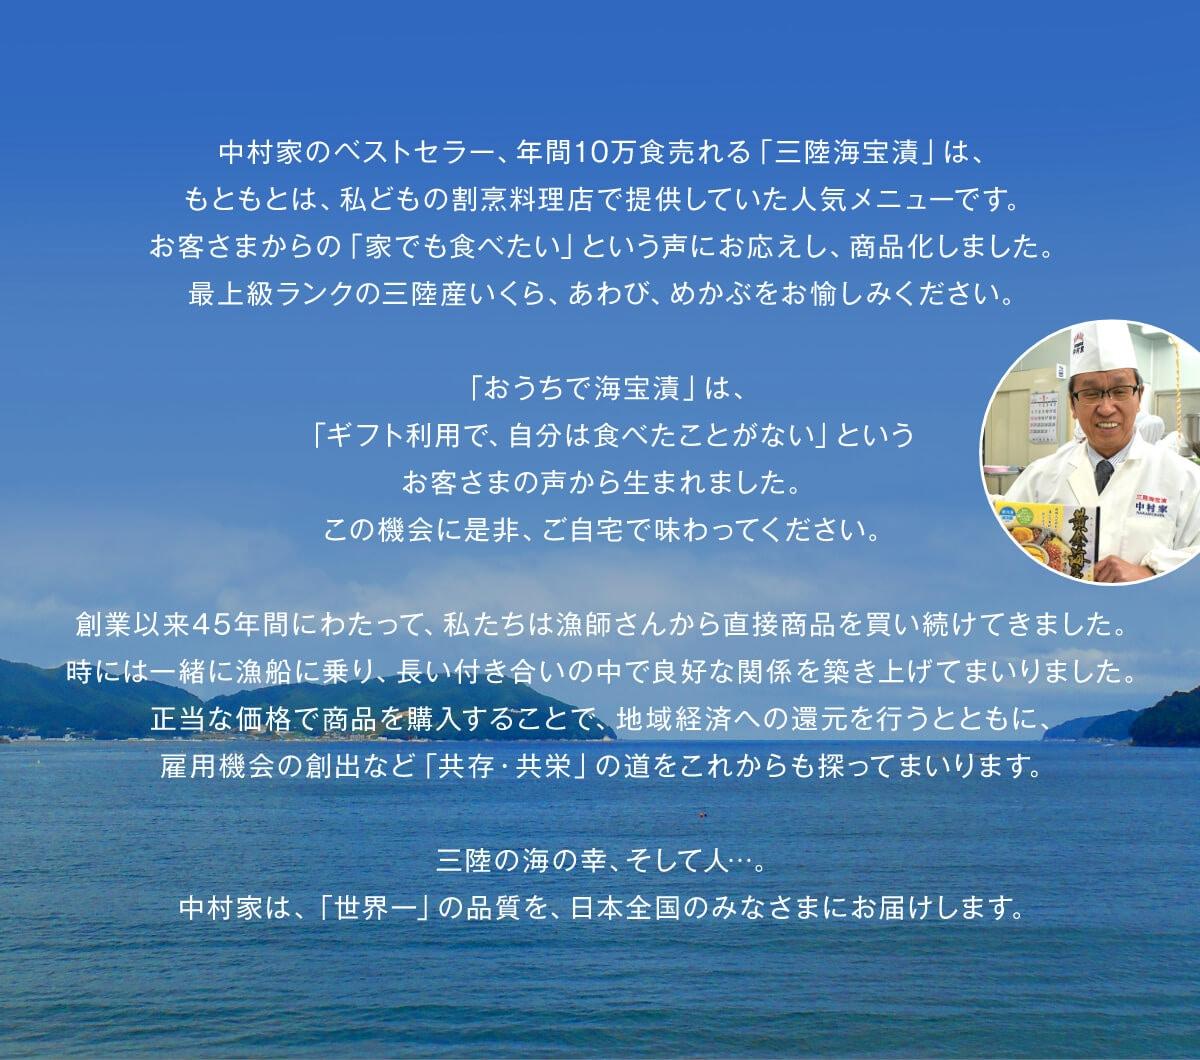 中村家 コメント